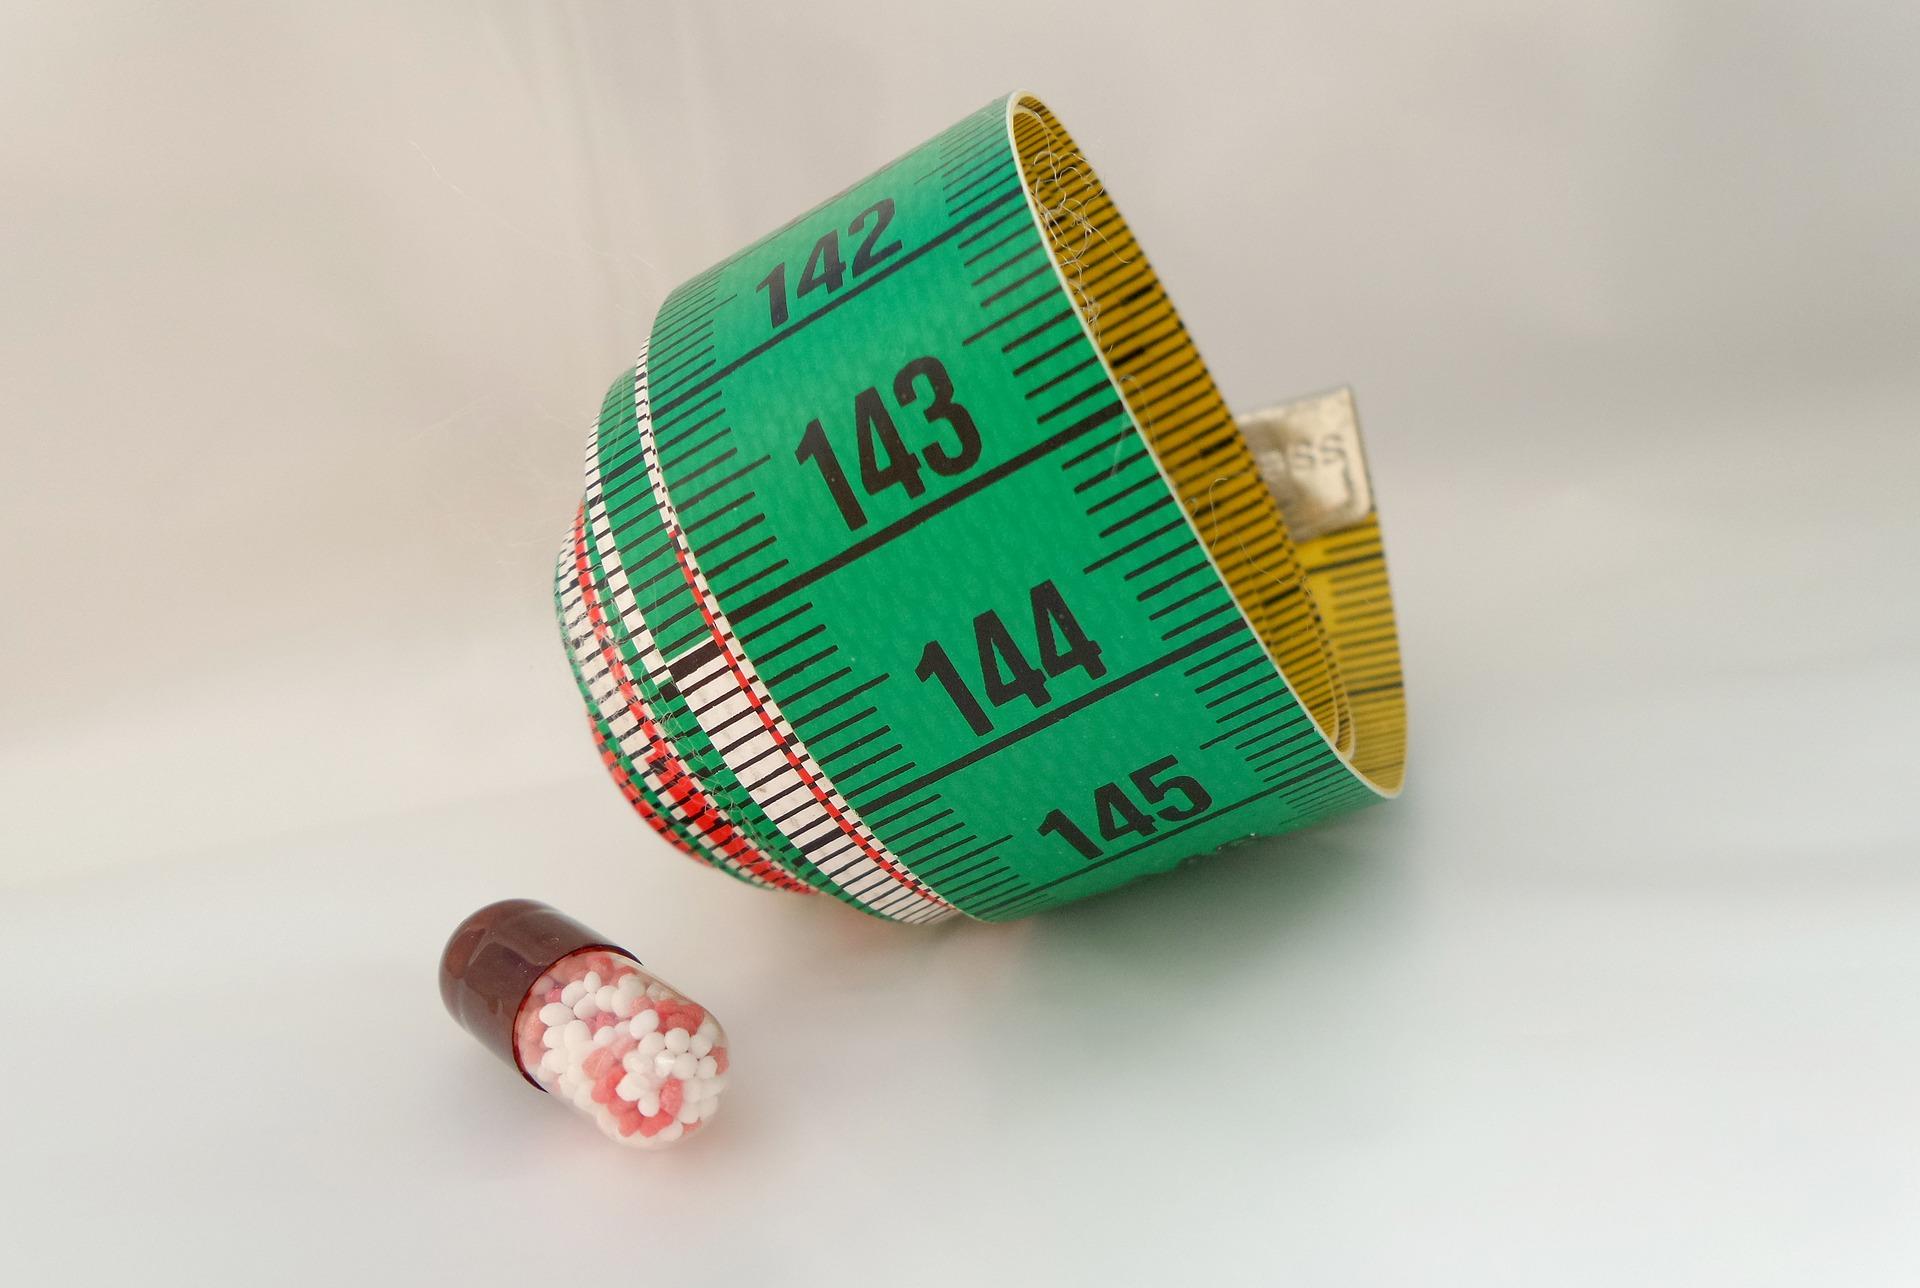 Anorexia y bulimia: importancia de la detección temprana